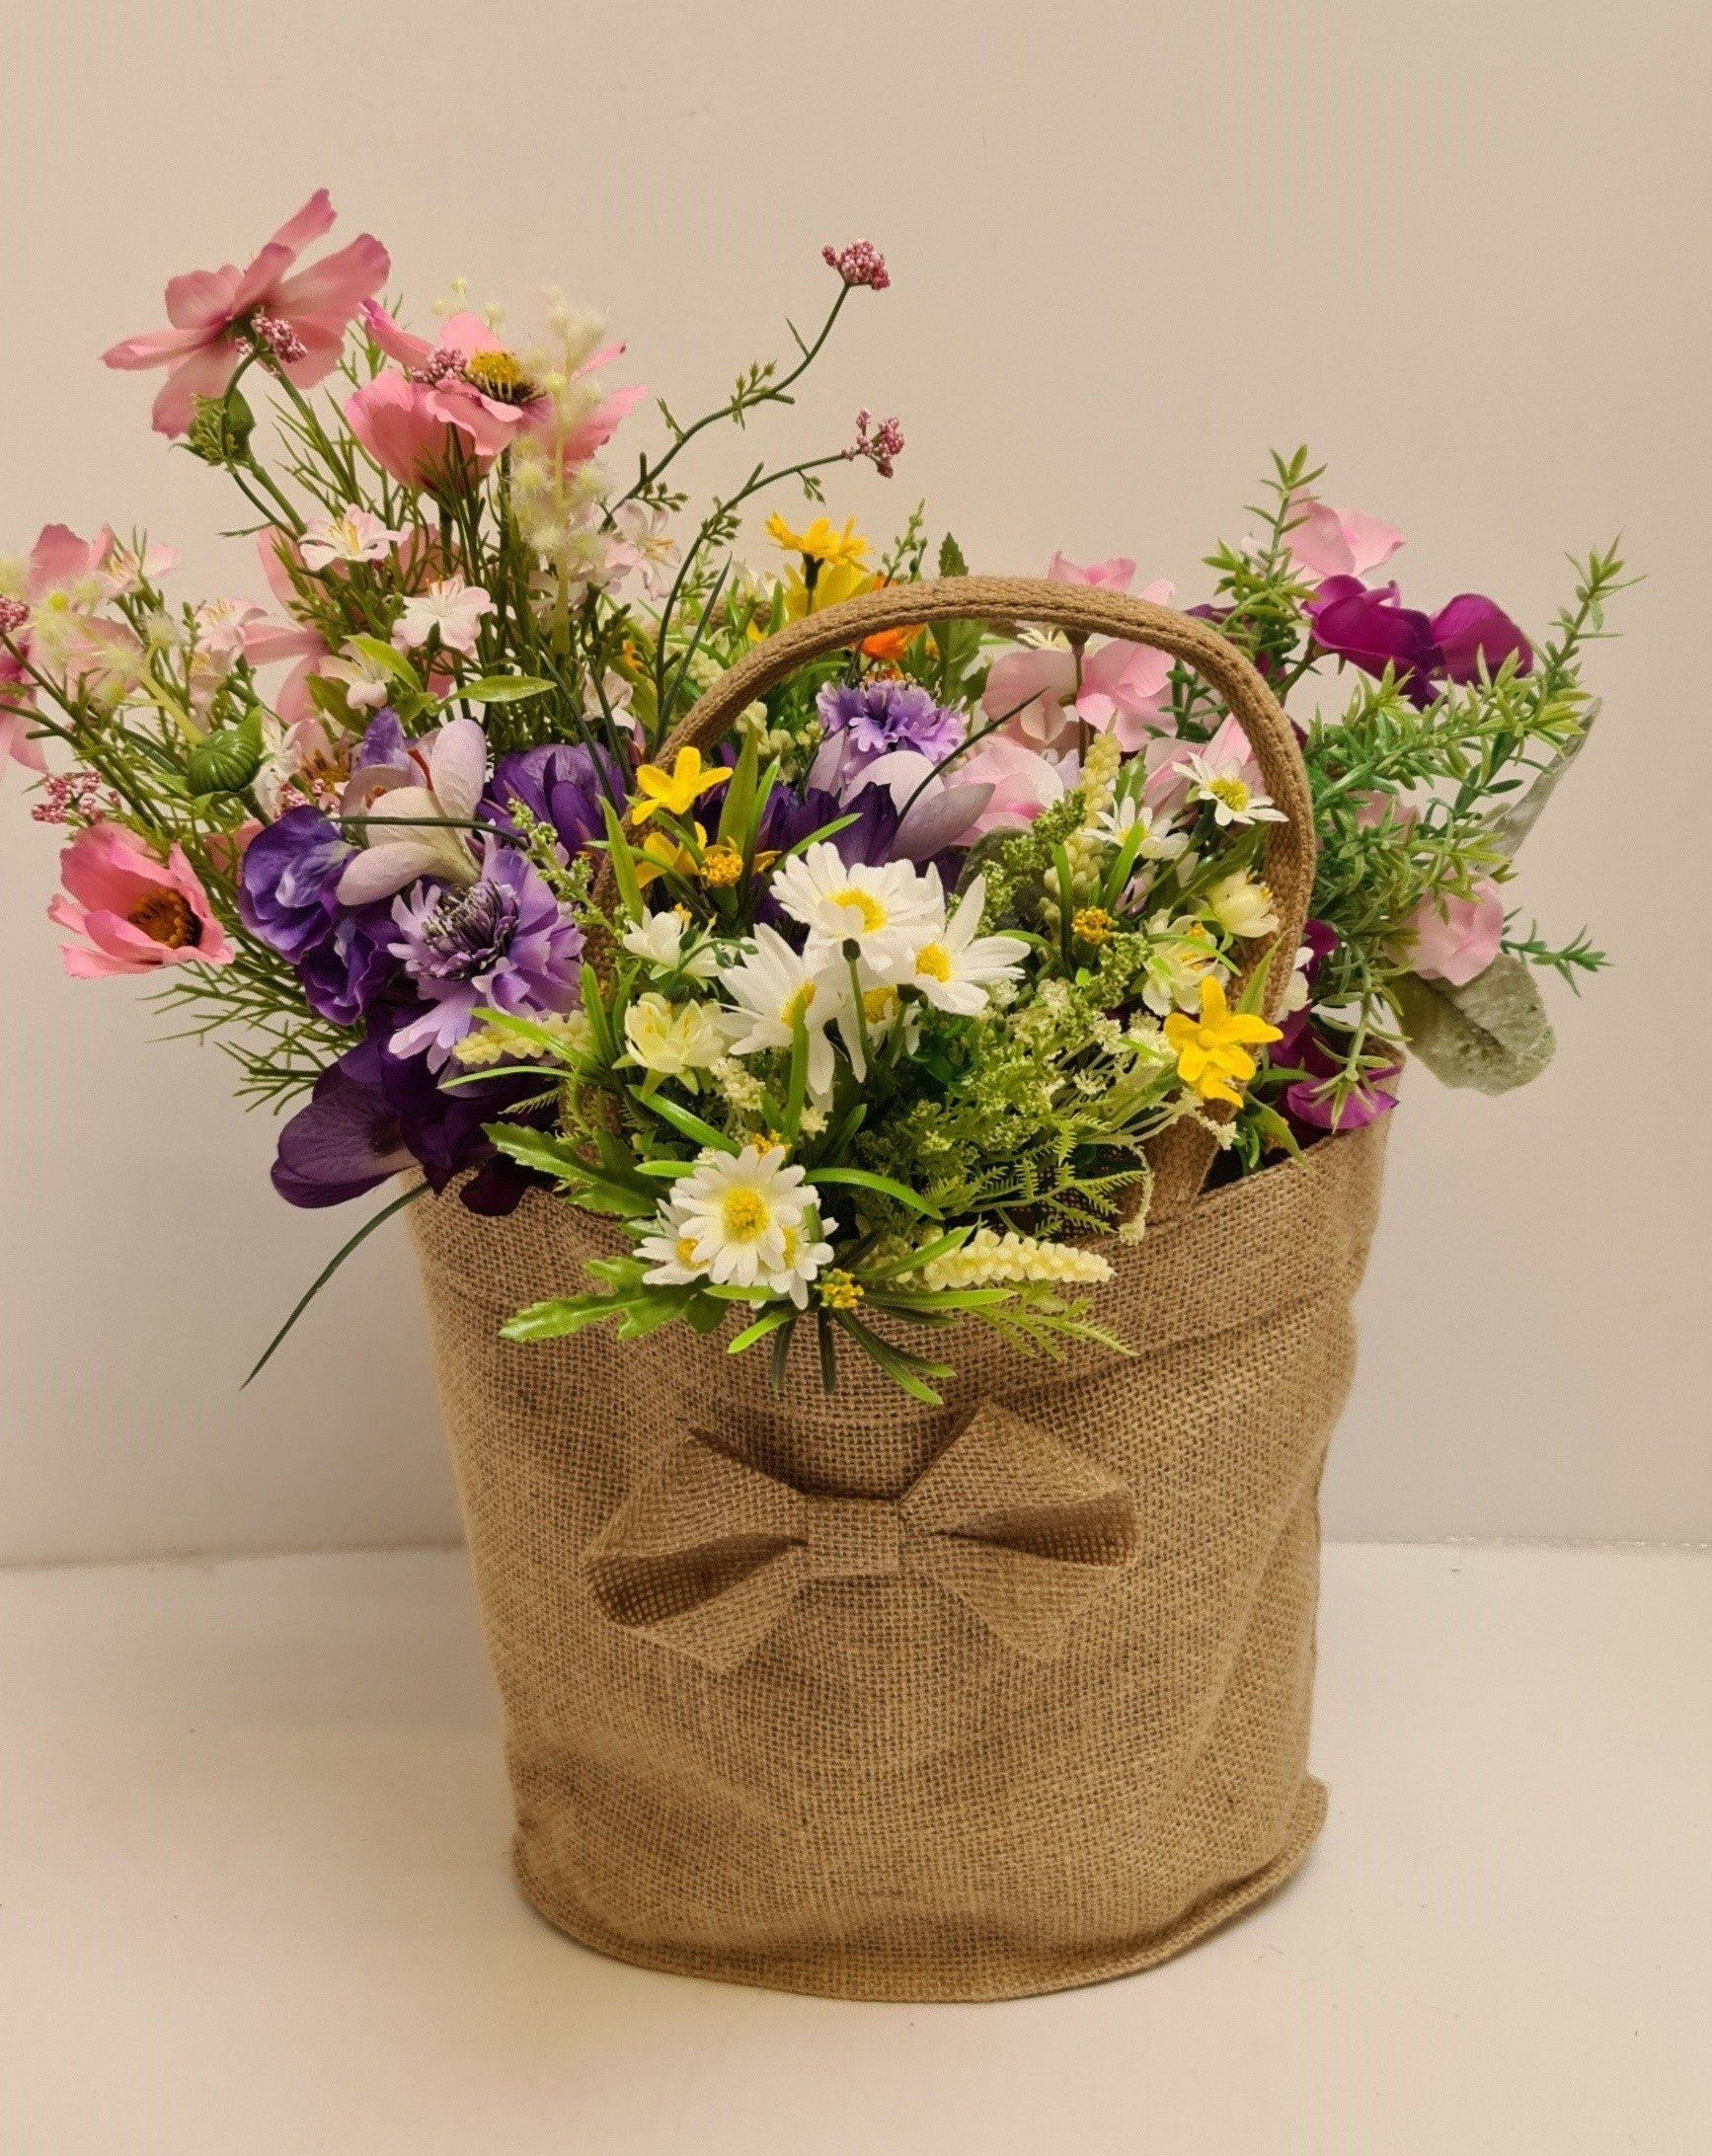 Photo of Jute Flower or Display Bag.